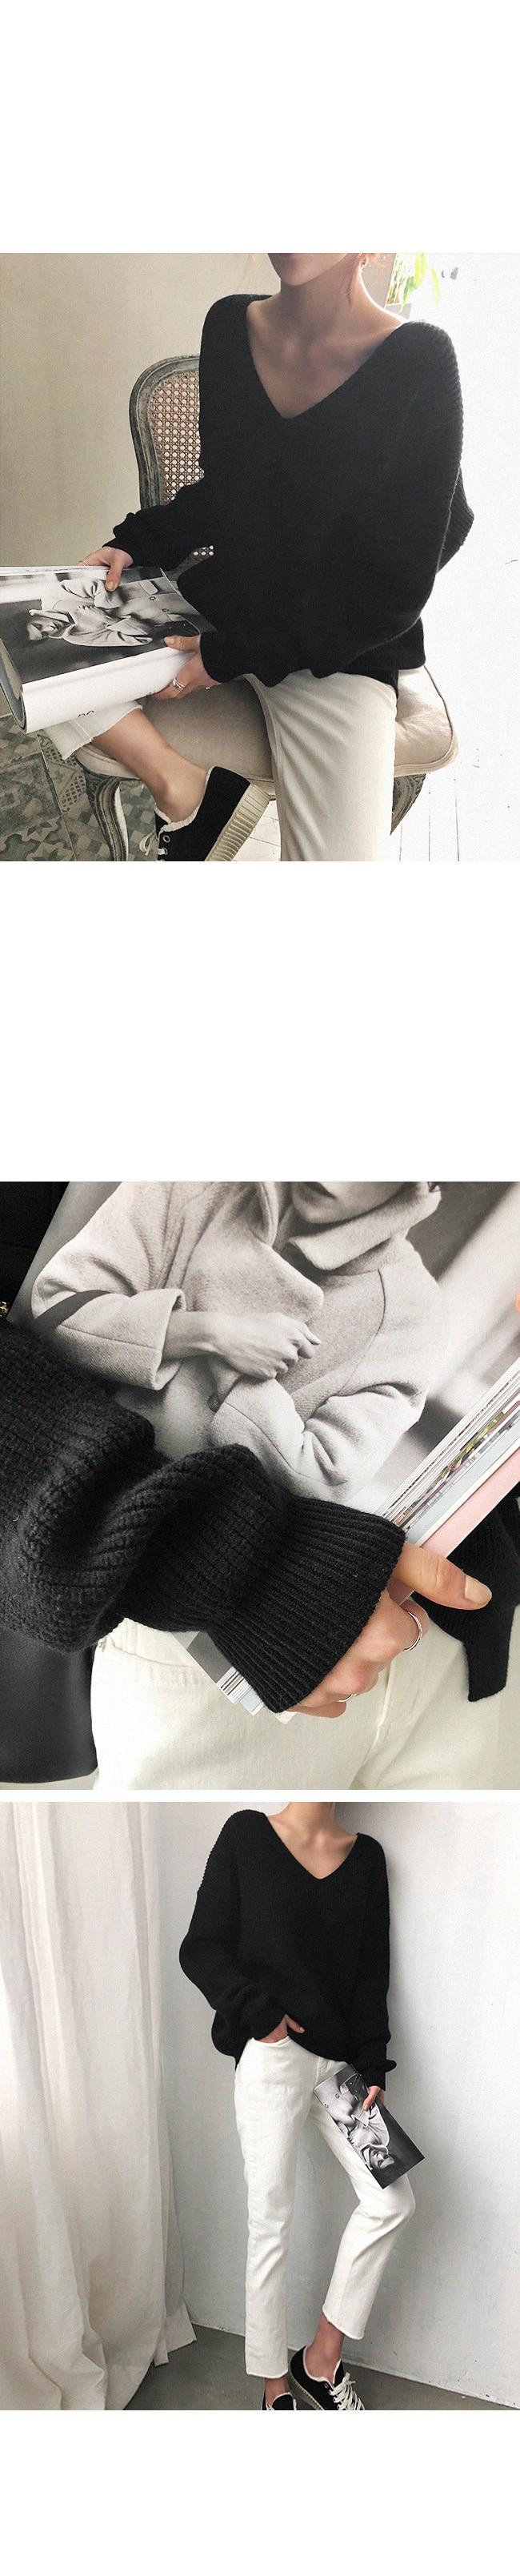 19 Winter Ovreiszed Sweater Women V Neck Black White Sweater Irregular Hen Knitted Tops 24